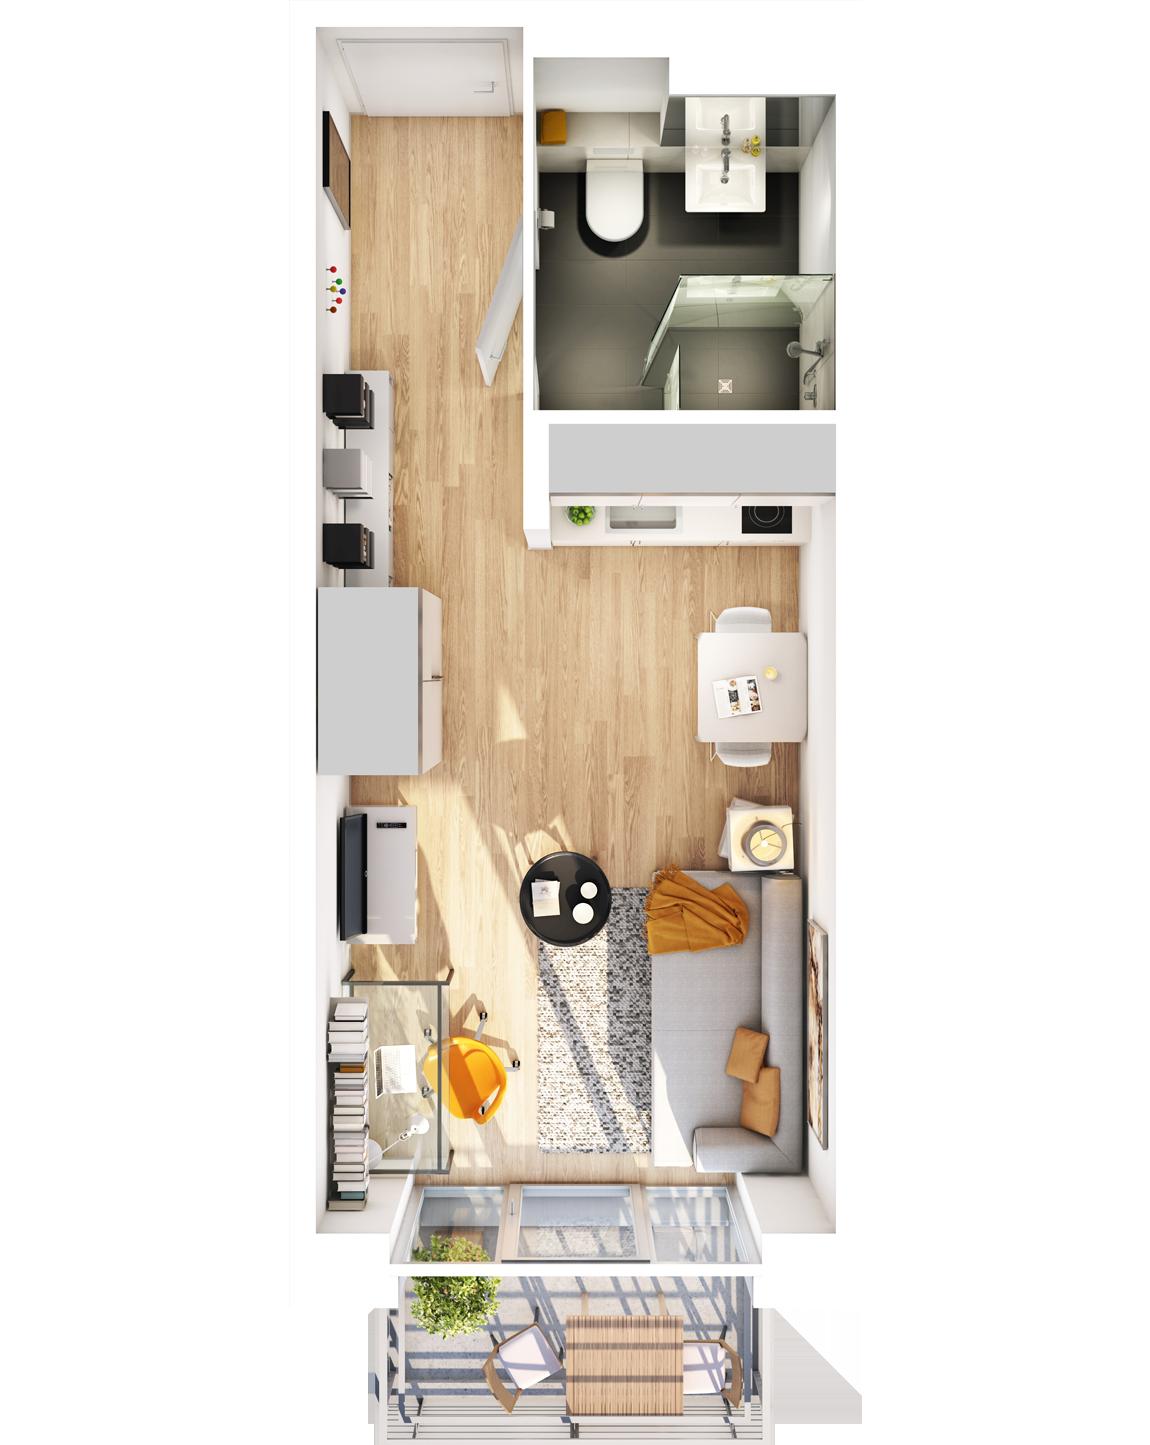 Visualisierung Beispiel 1-Zimmer-Wohnung Typ B mit Bad, integrierter Küche im Wohnbereich und Balkon (spiegelverkehrt) im studiosus 5 Apartmenthaus in Augsburg